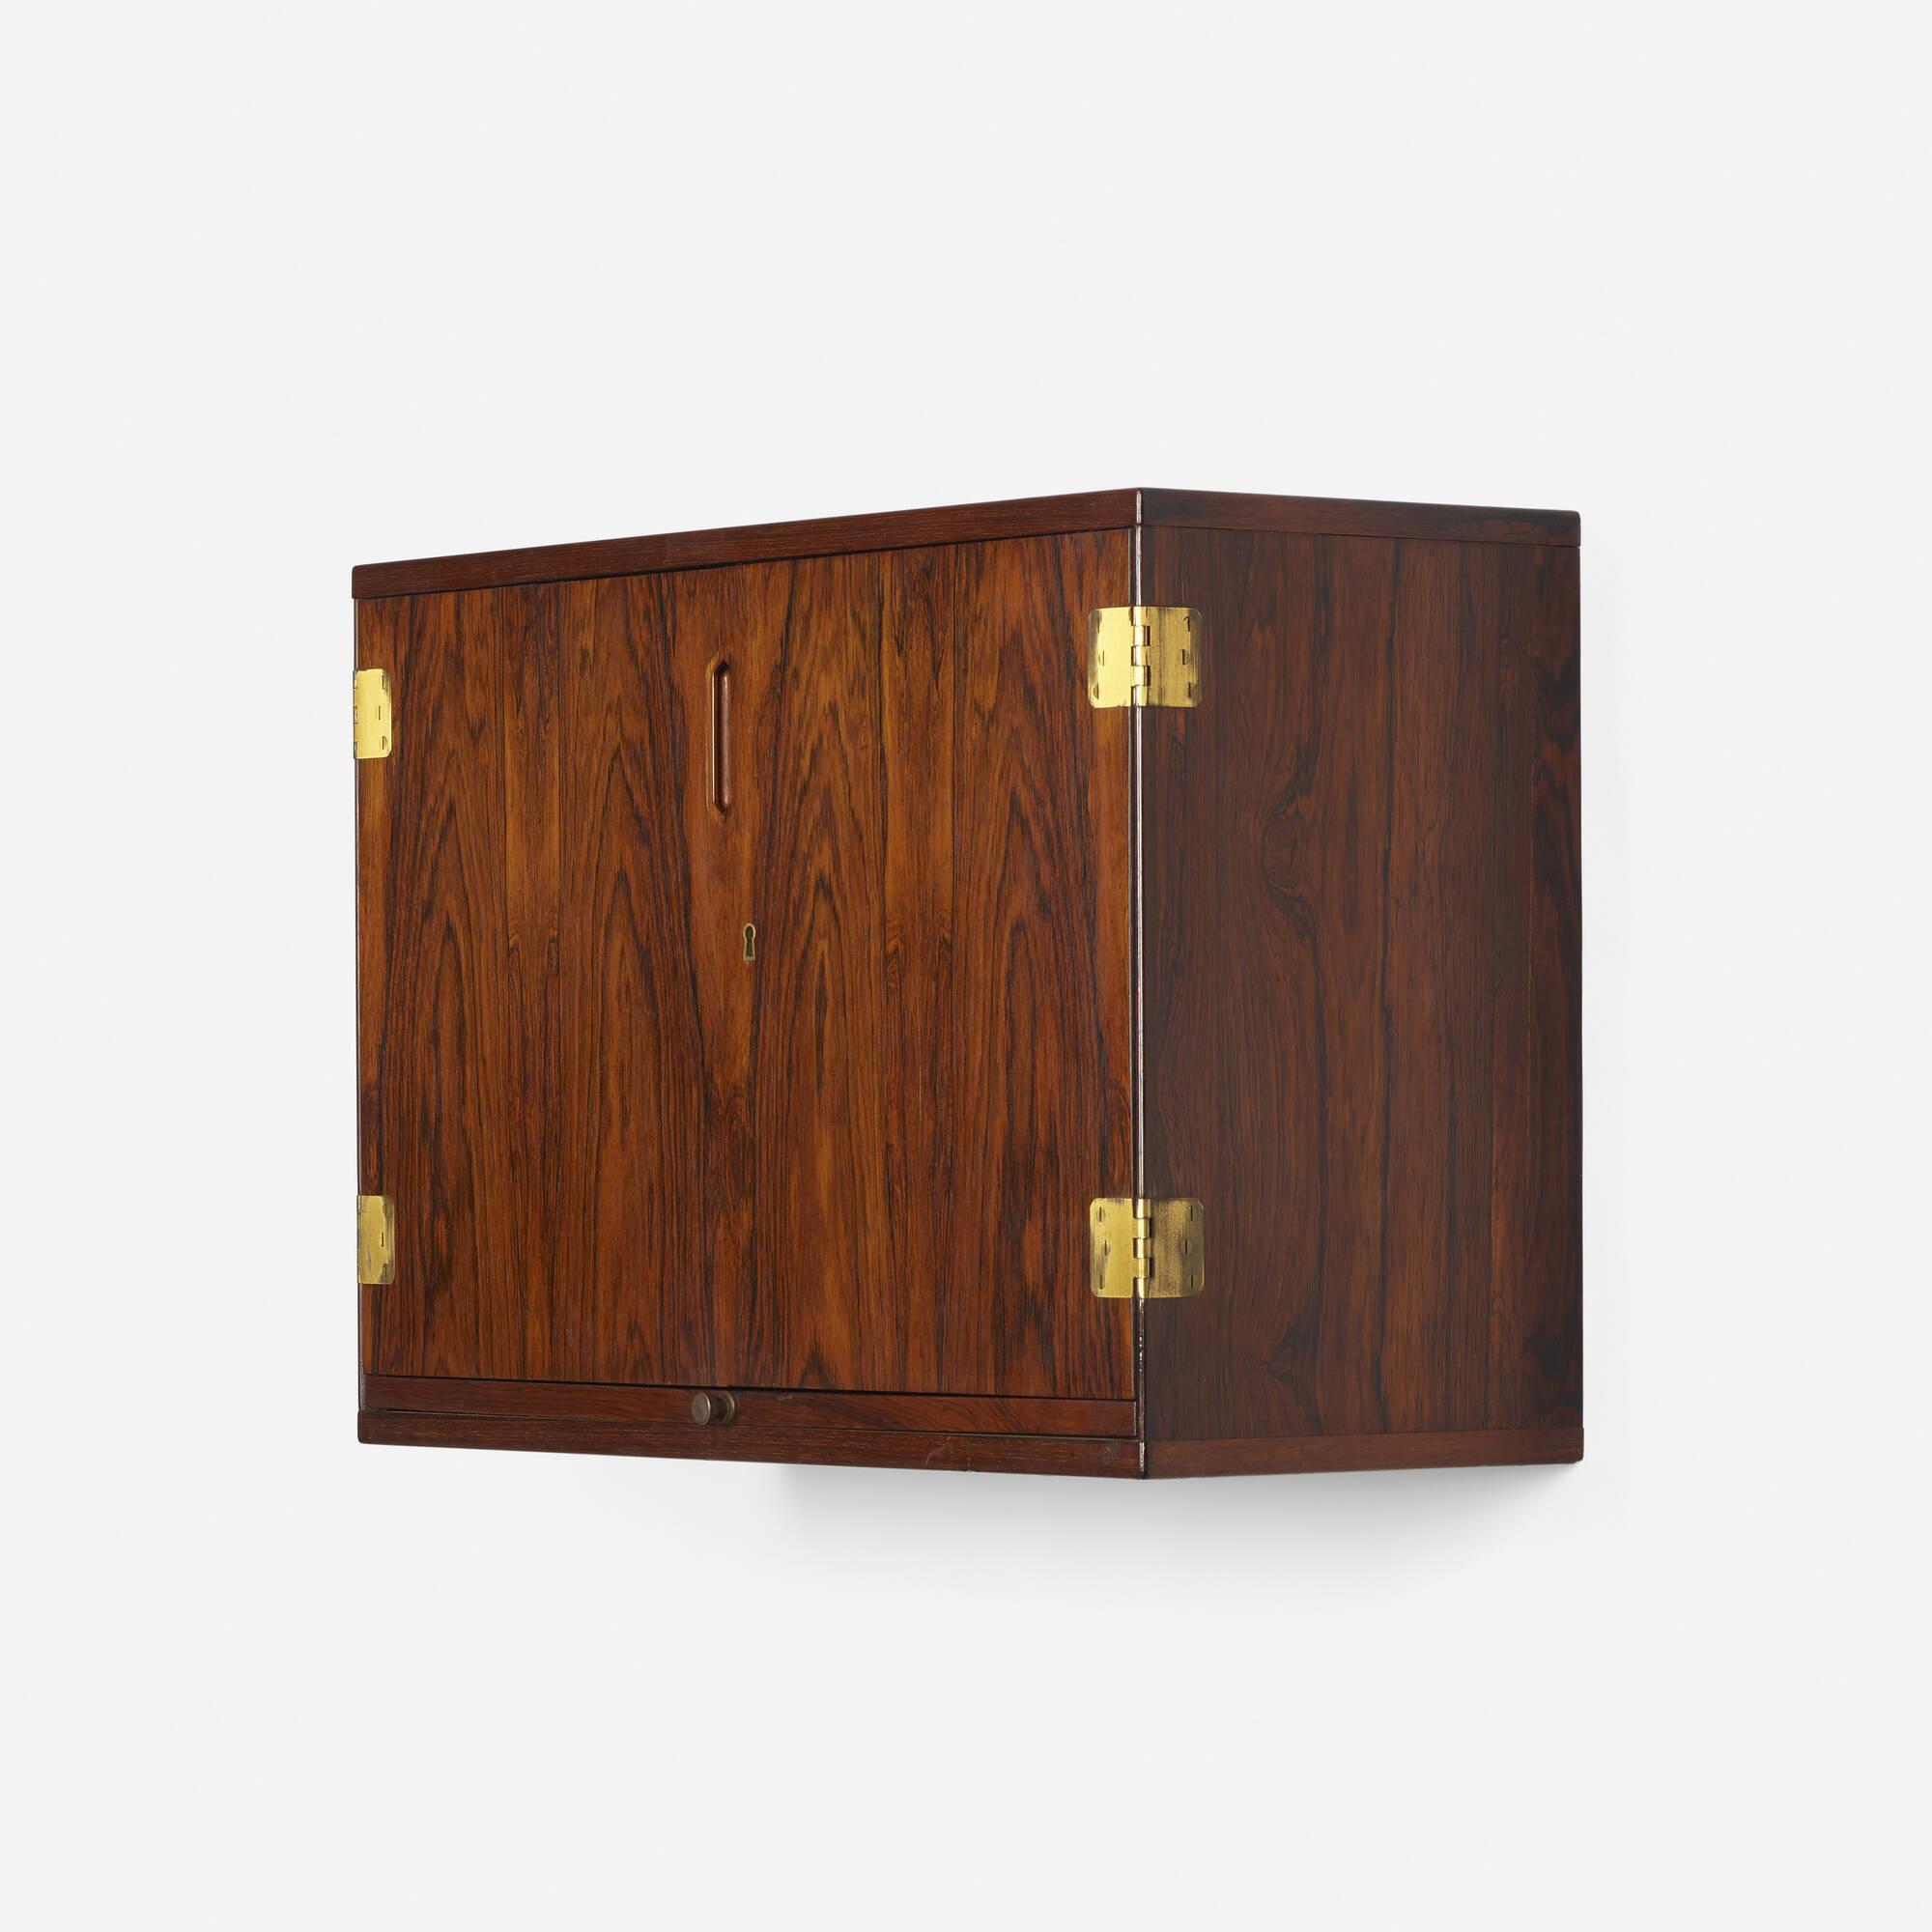 282: Svend Langkilde / hanging bar cabinet (1 of 3)